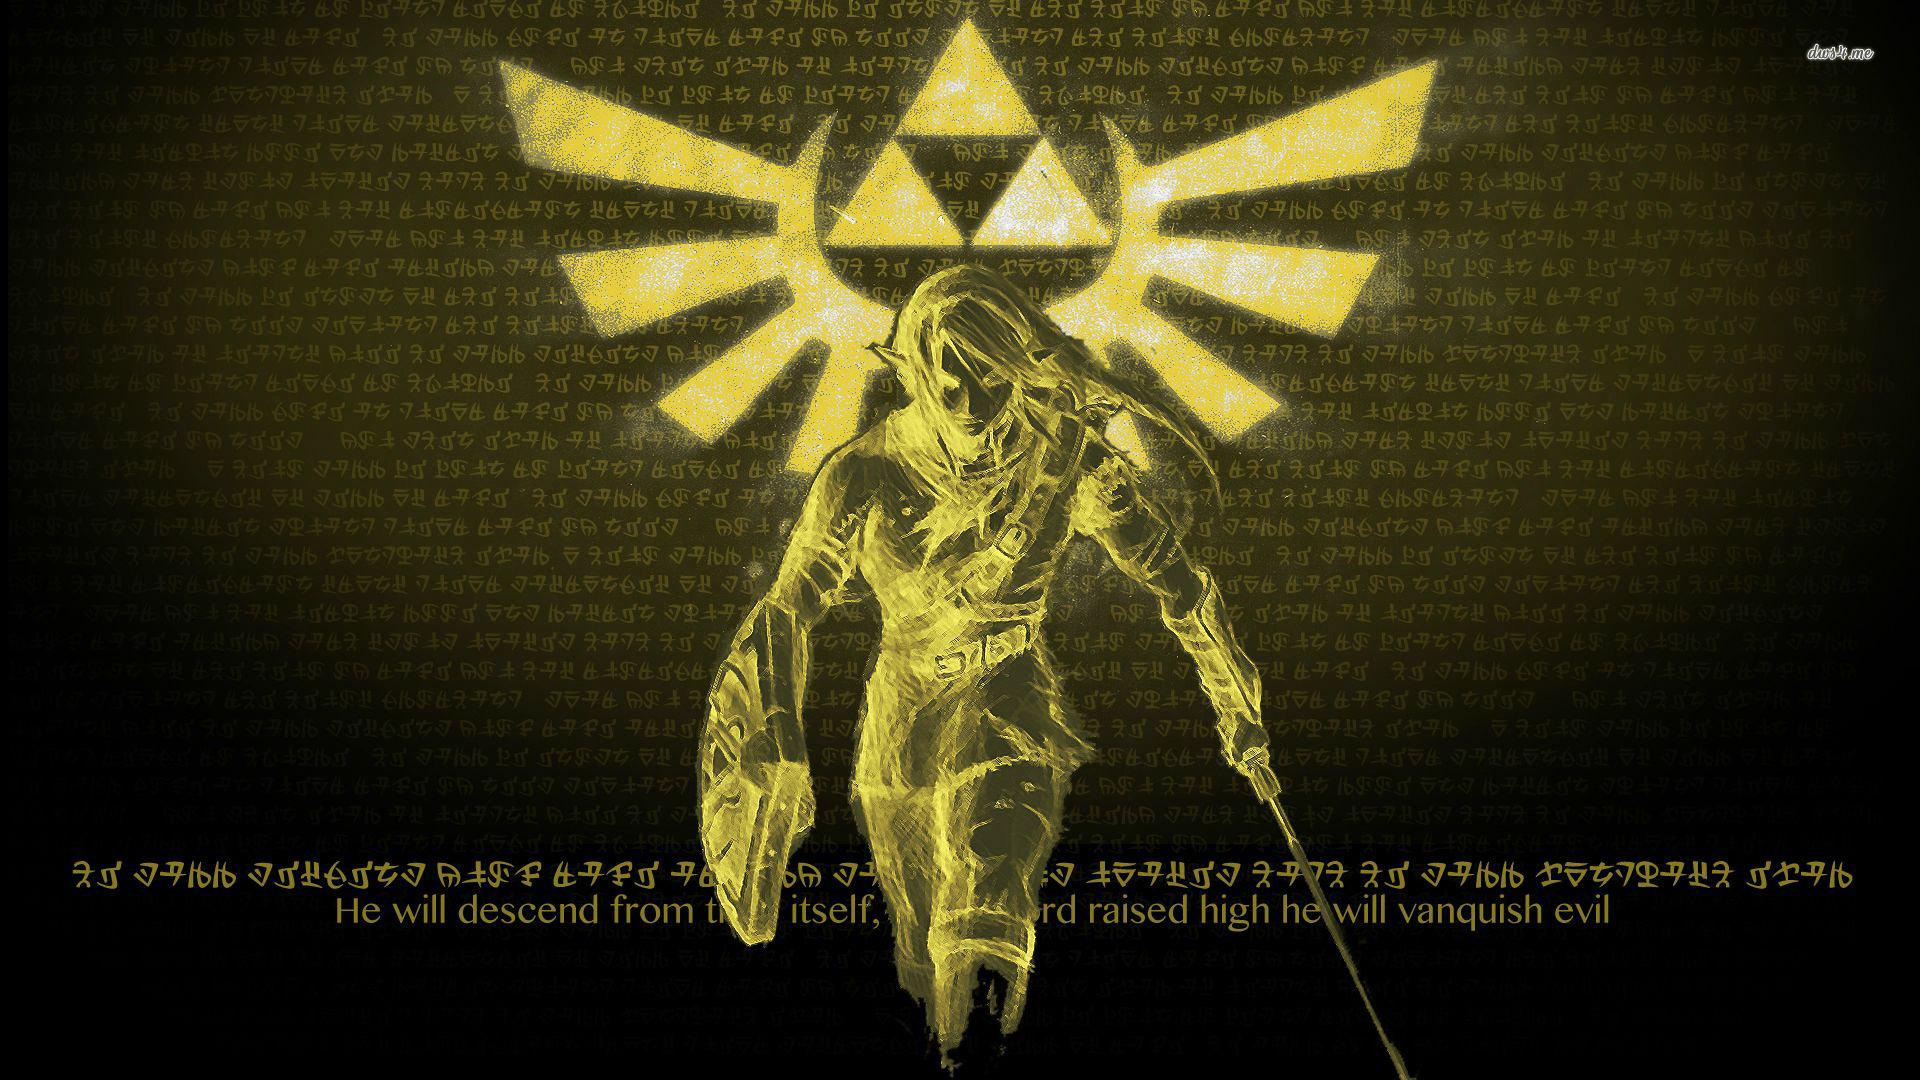 The Legend of Zelda wallpaper 1280x800 The Legend of Zelda wallpaper 1920x1080